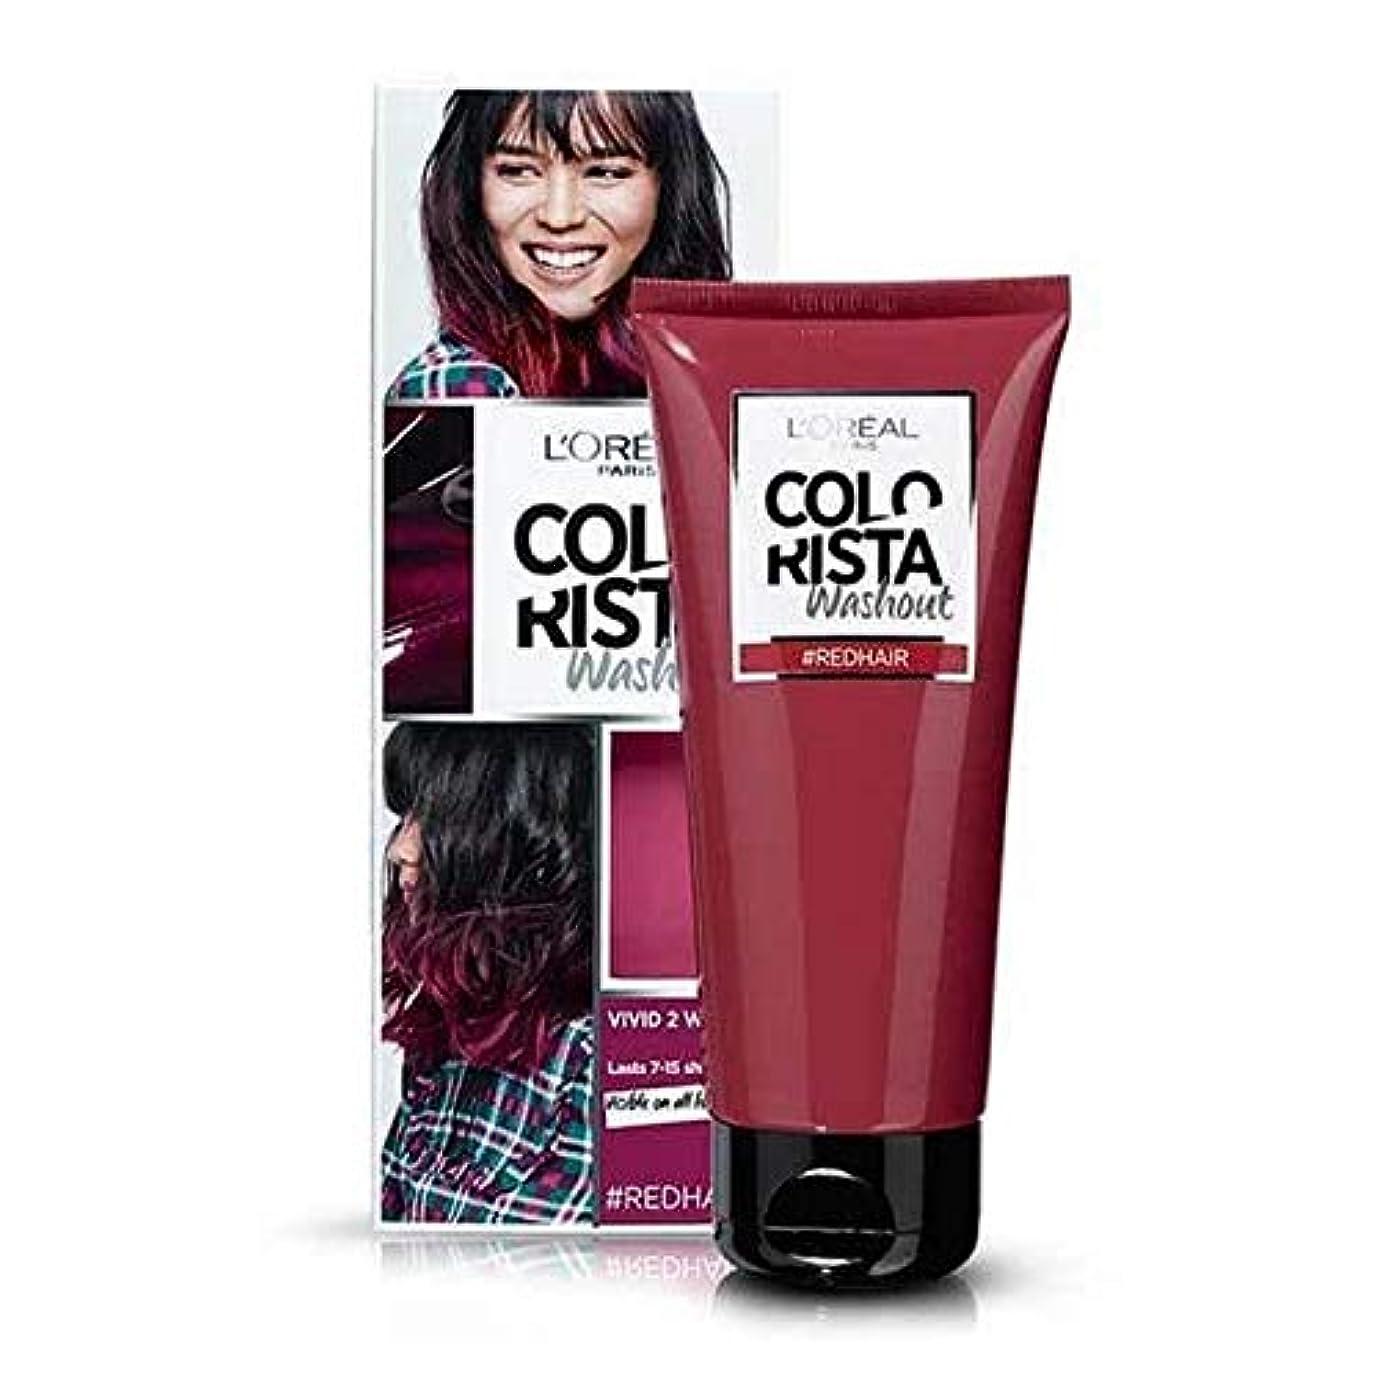 ピッチャー現実軌道[Colorista] Colorista洗い出し赤半永久染毛剤 - Colorista Washout Red Semi-Permanent Hair Dye [並行輸入品]